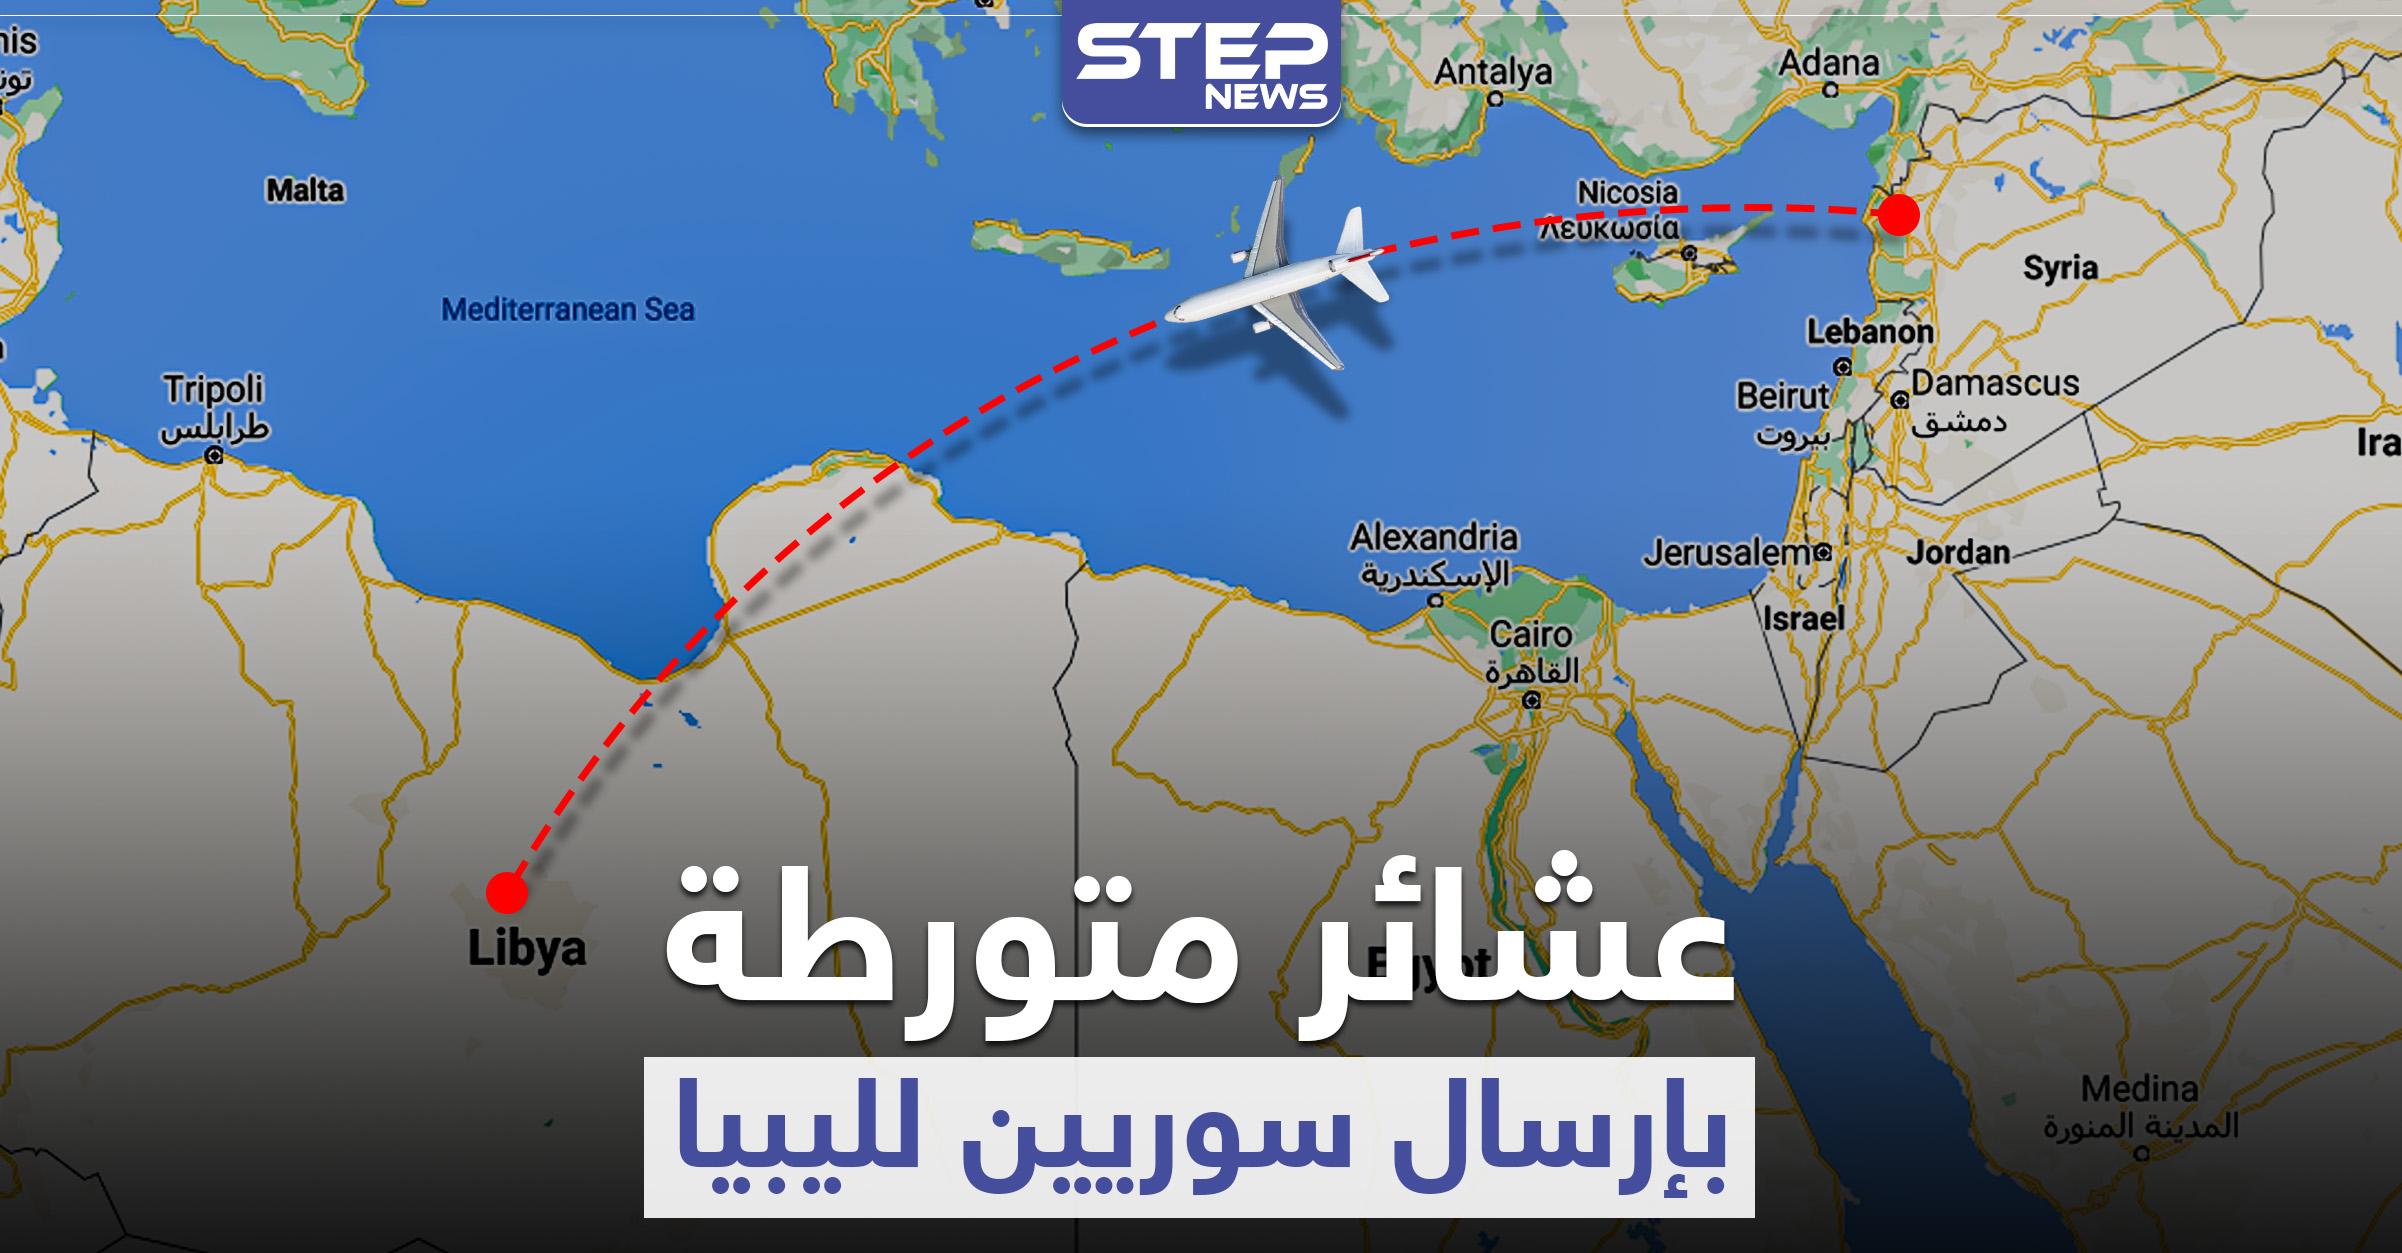 روسيا ترسل مئات المرتزقة السوريين من السويداء والقامشلي لليبيا